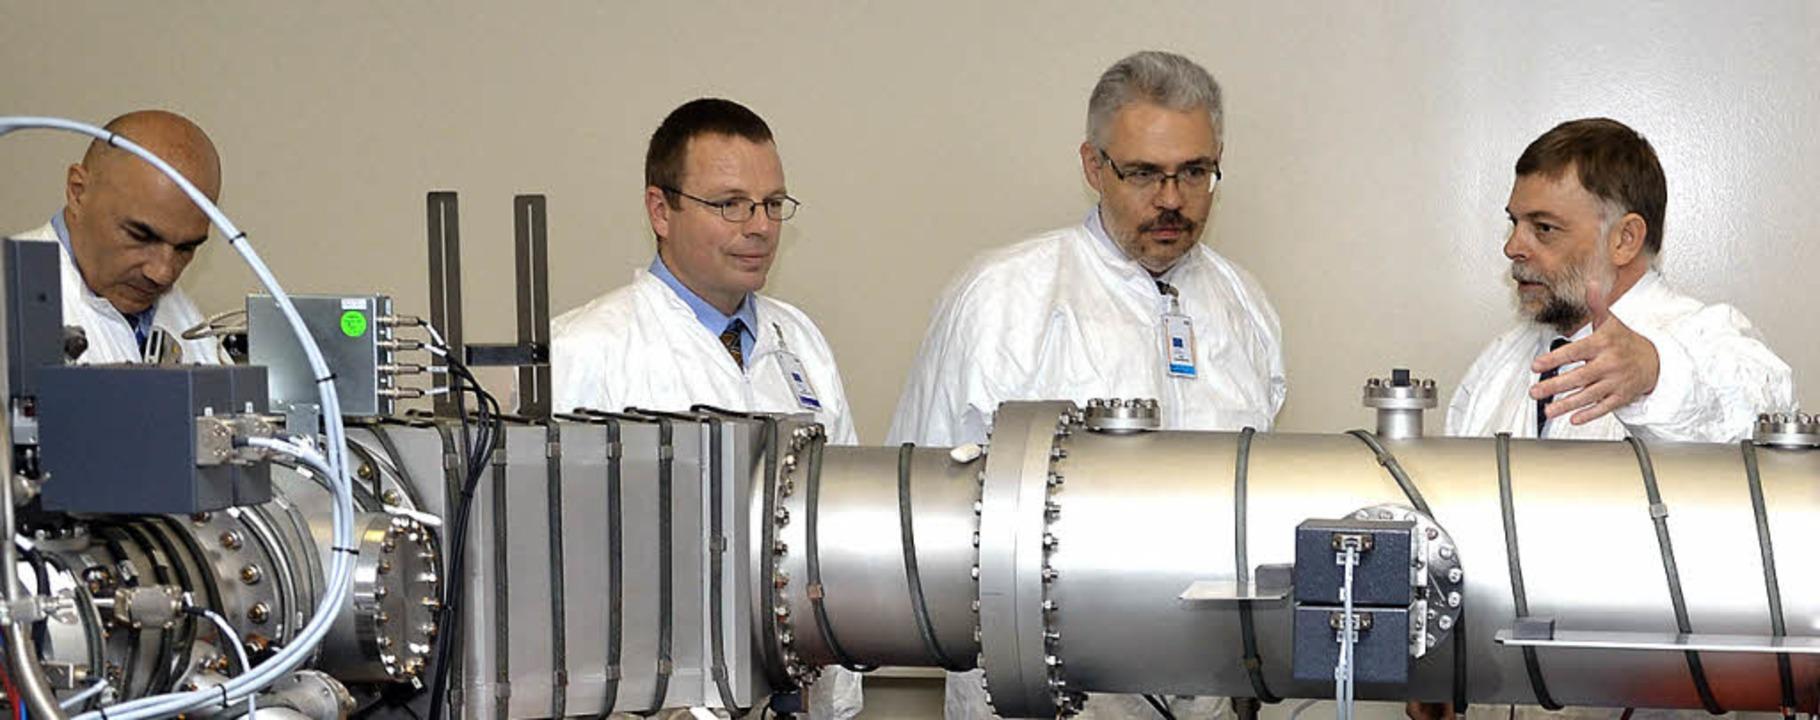 SIMS-Entwickler Magnus Hedberg (rechts) stellt  Kollegen das neue Gerät vor.   | Foto: Martin Schäfer